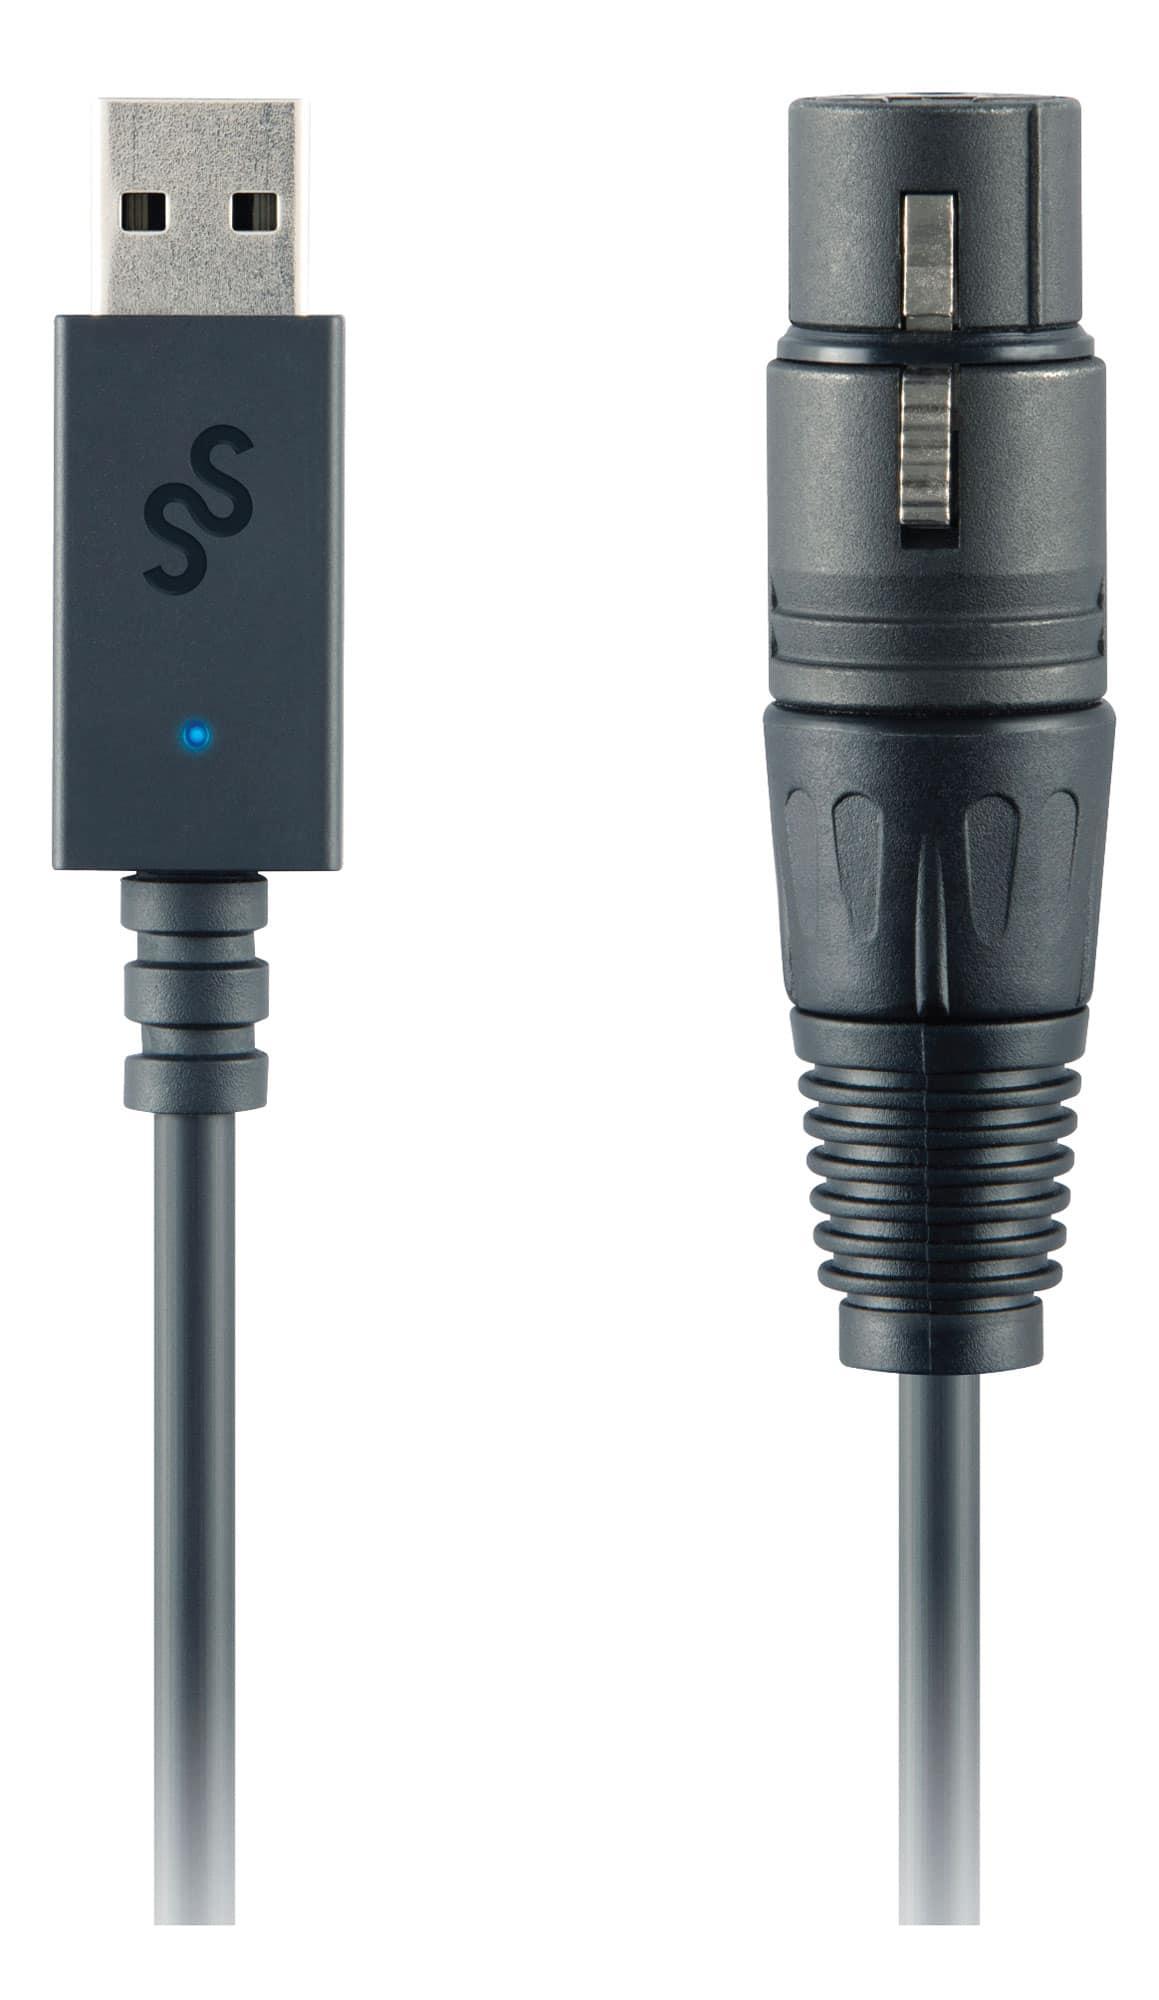 Lichtsteuerung - Soundswitch Micro DMX Interface - Onlineshop Musikhaus Kirstein